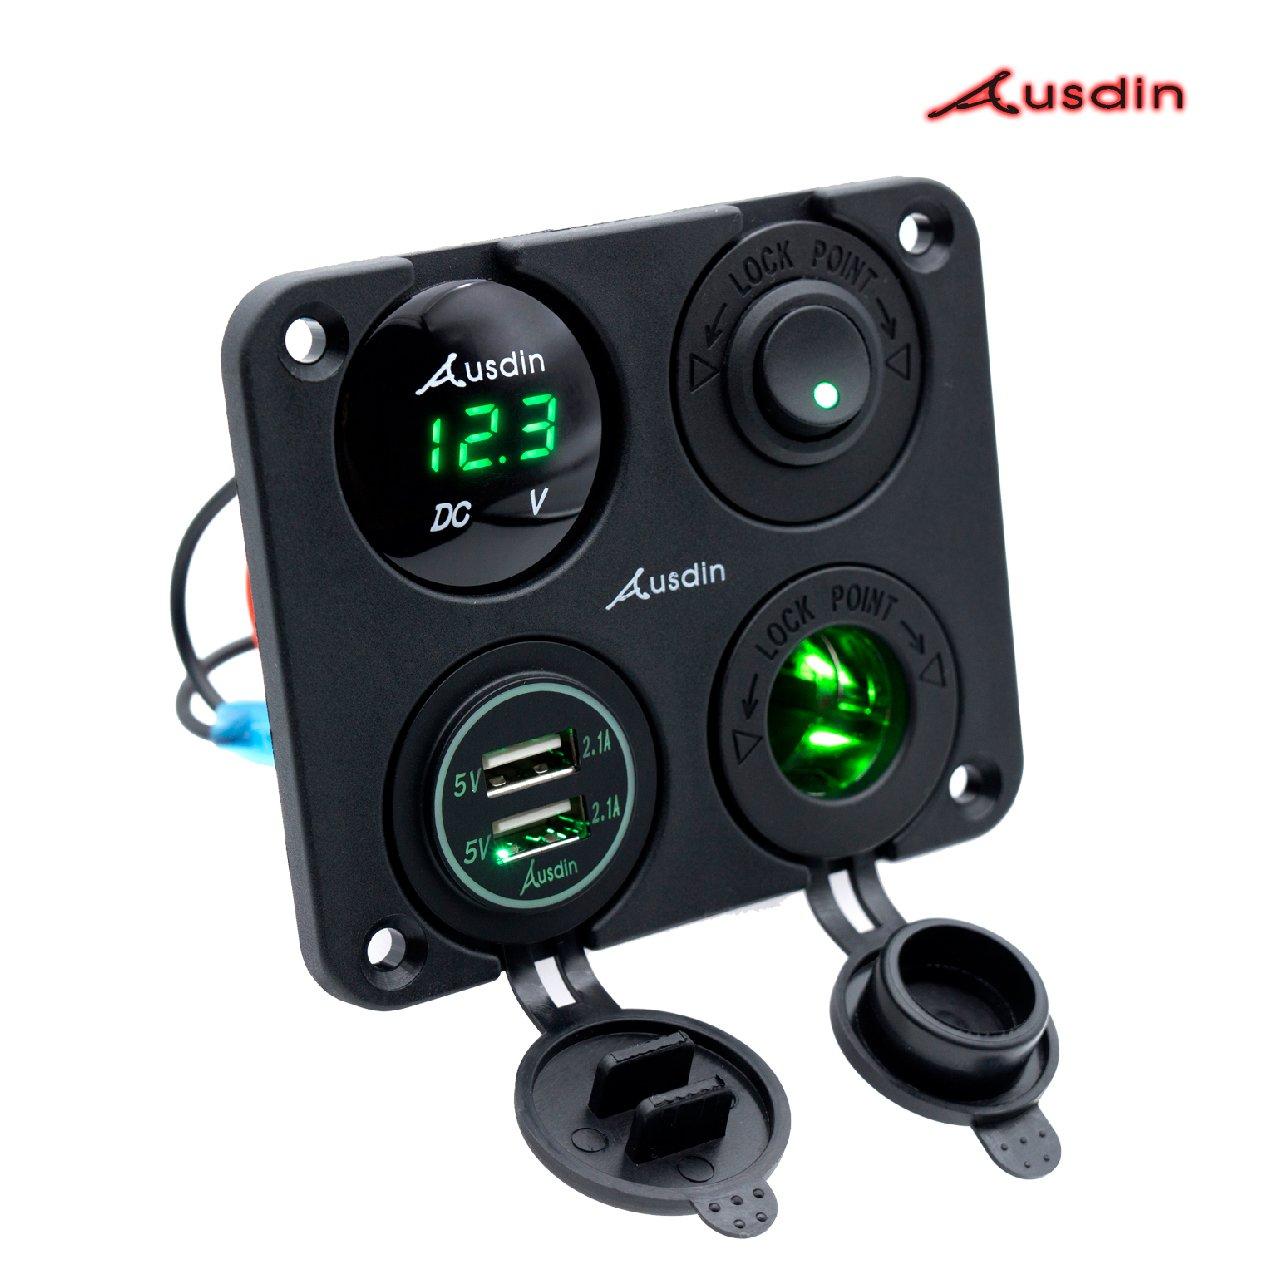 hight resolution of led rocker switch panel ausdin heavy duty aluminum rocker switch waterproof panel dual usb socket